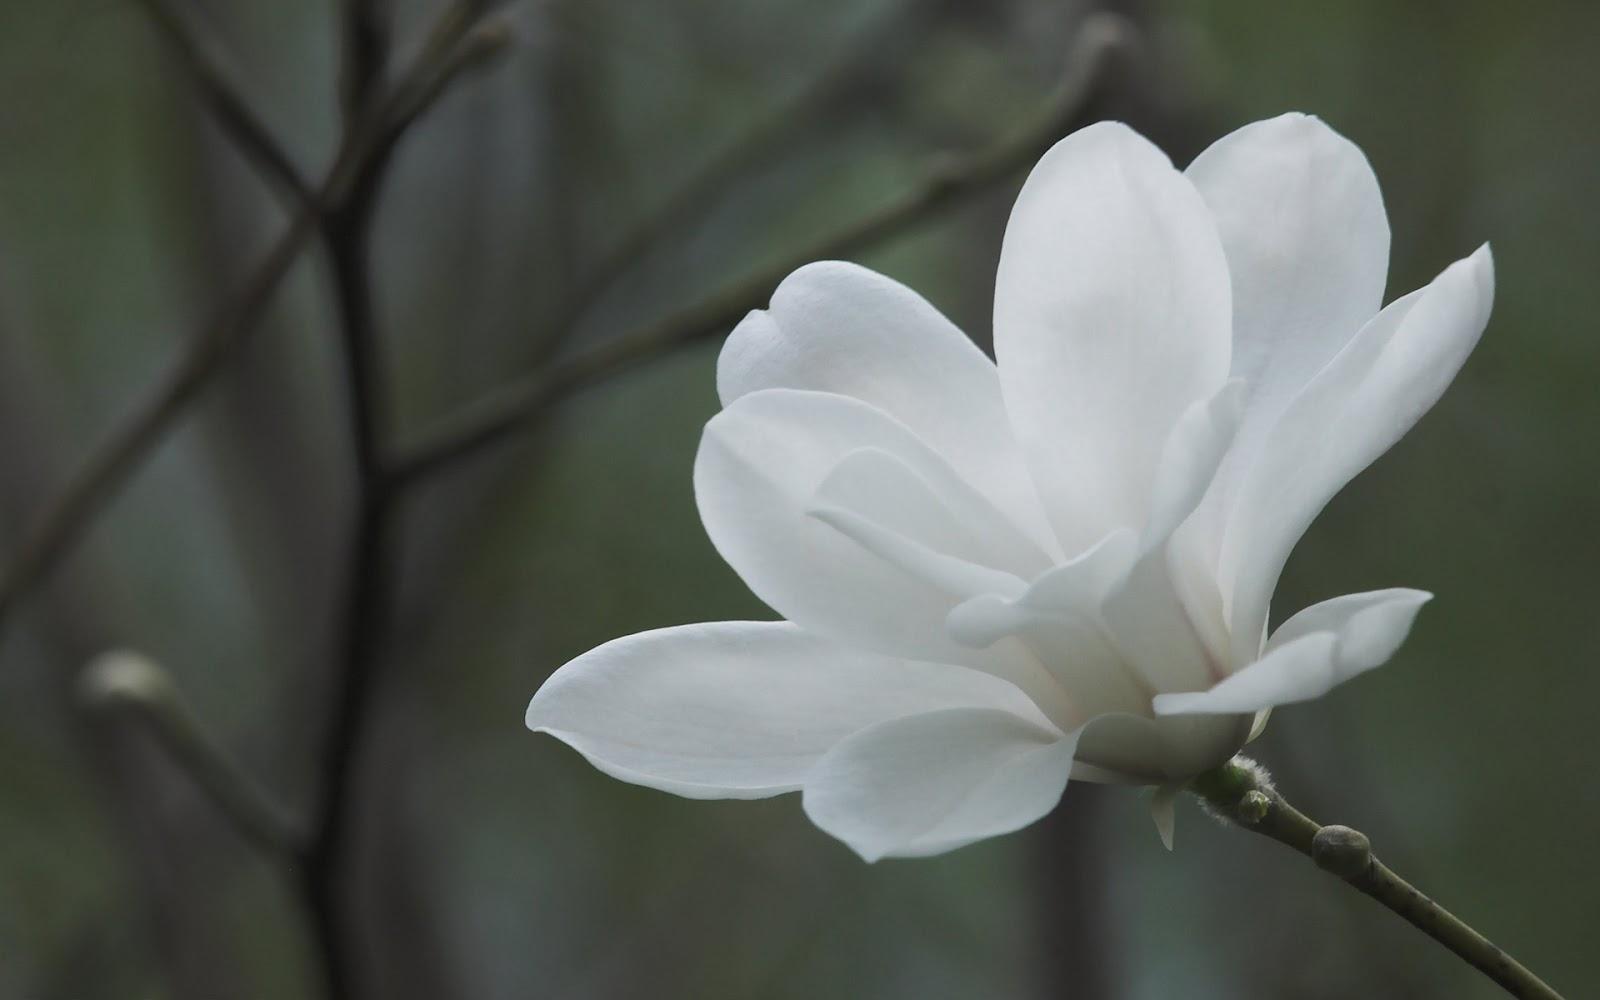 Flores Blancas en HD - White Flowers | Fotos e Imágenes en FOTOBLOG X: fotoblogx.blogspot.com/2012/02/flores-blancas-en-hd-white-flowers.html